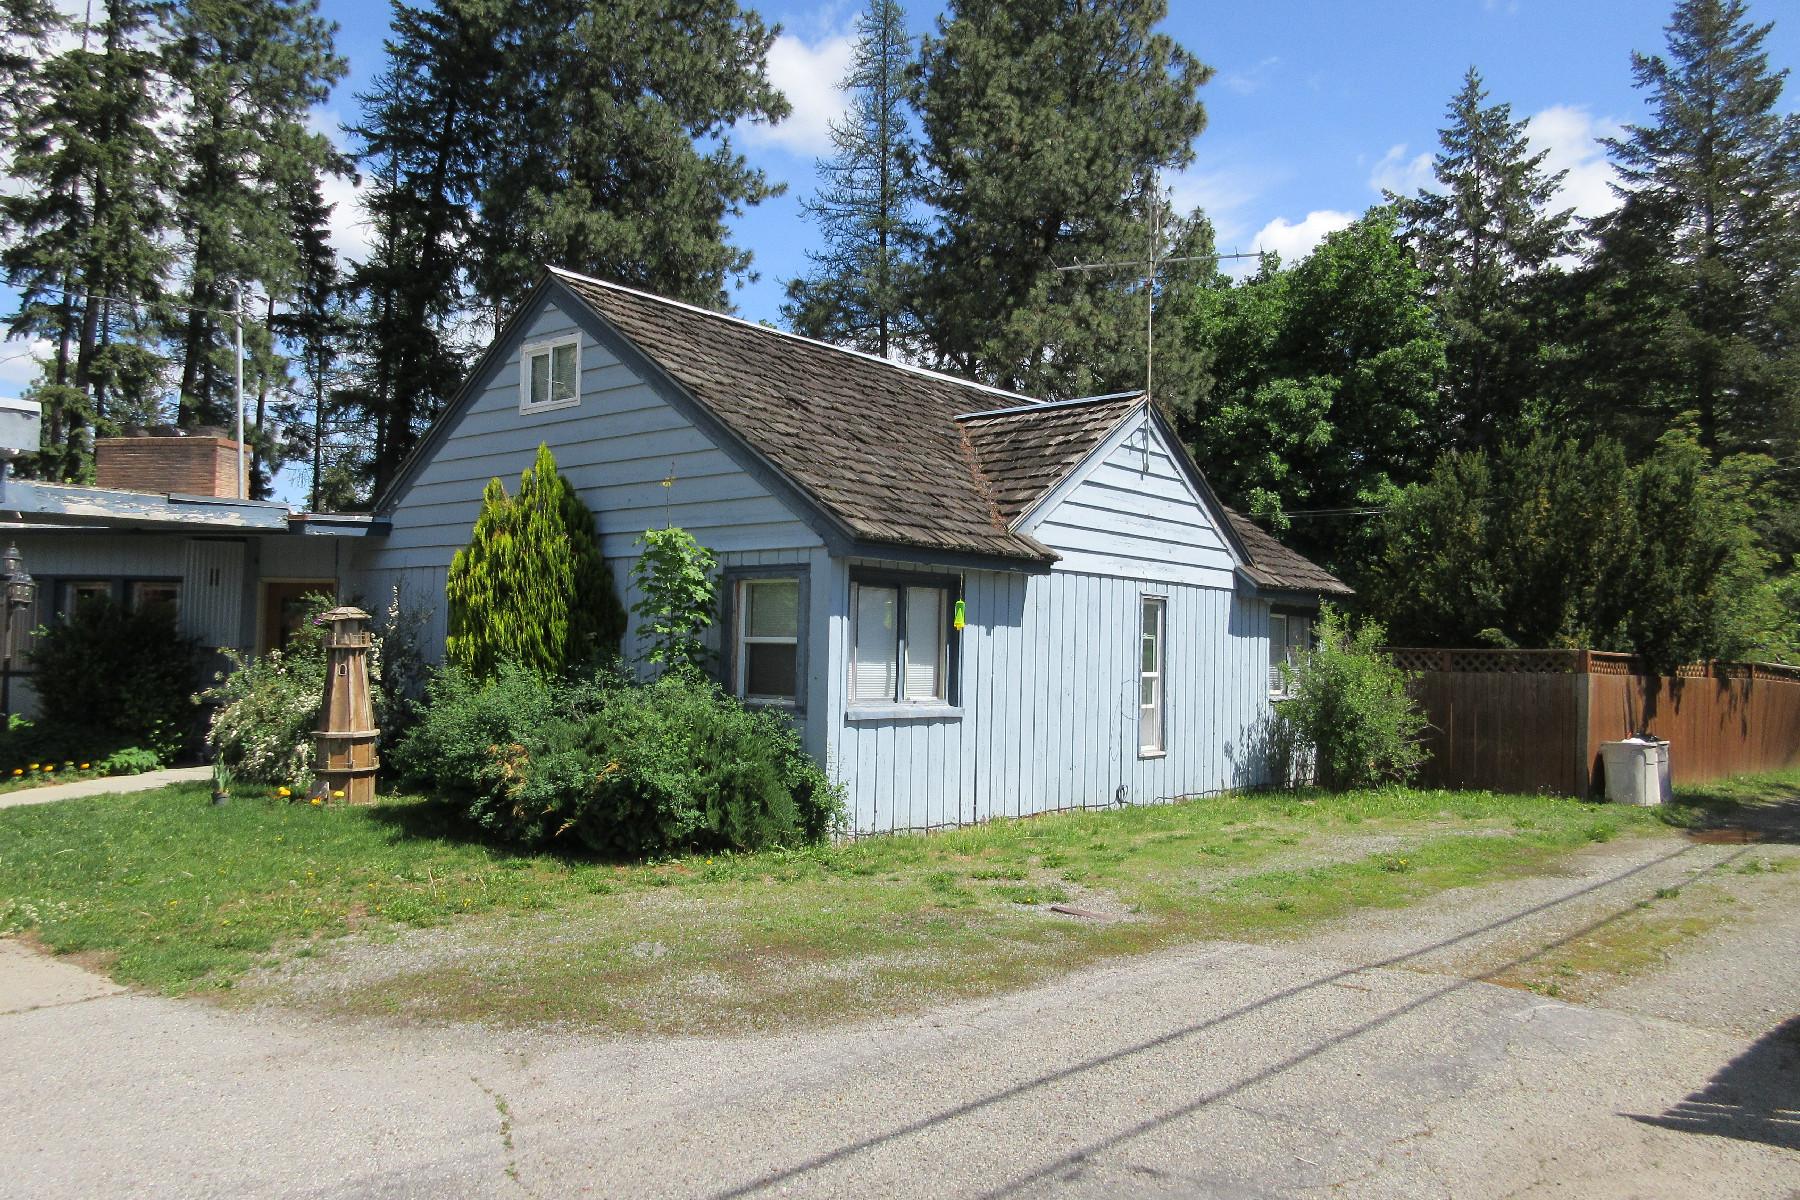 Maison unifamiliale pour l Vente à Unruh 6537 Jefferson Bonners Ferry, Idaho, 83805 États-Unis